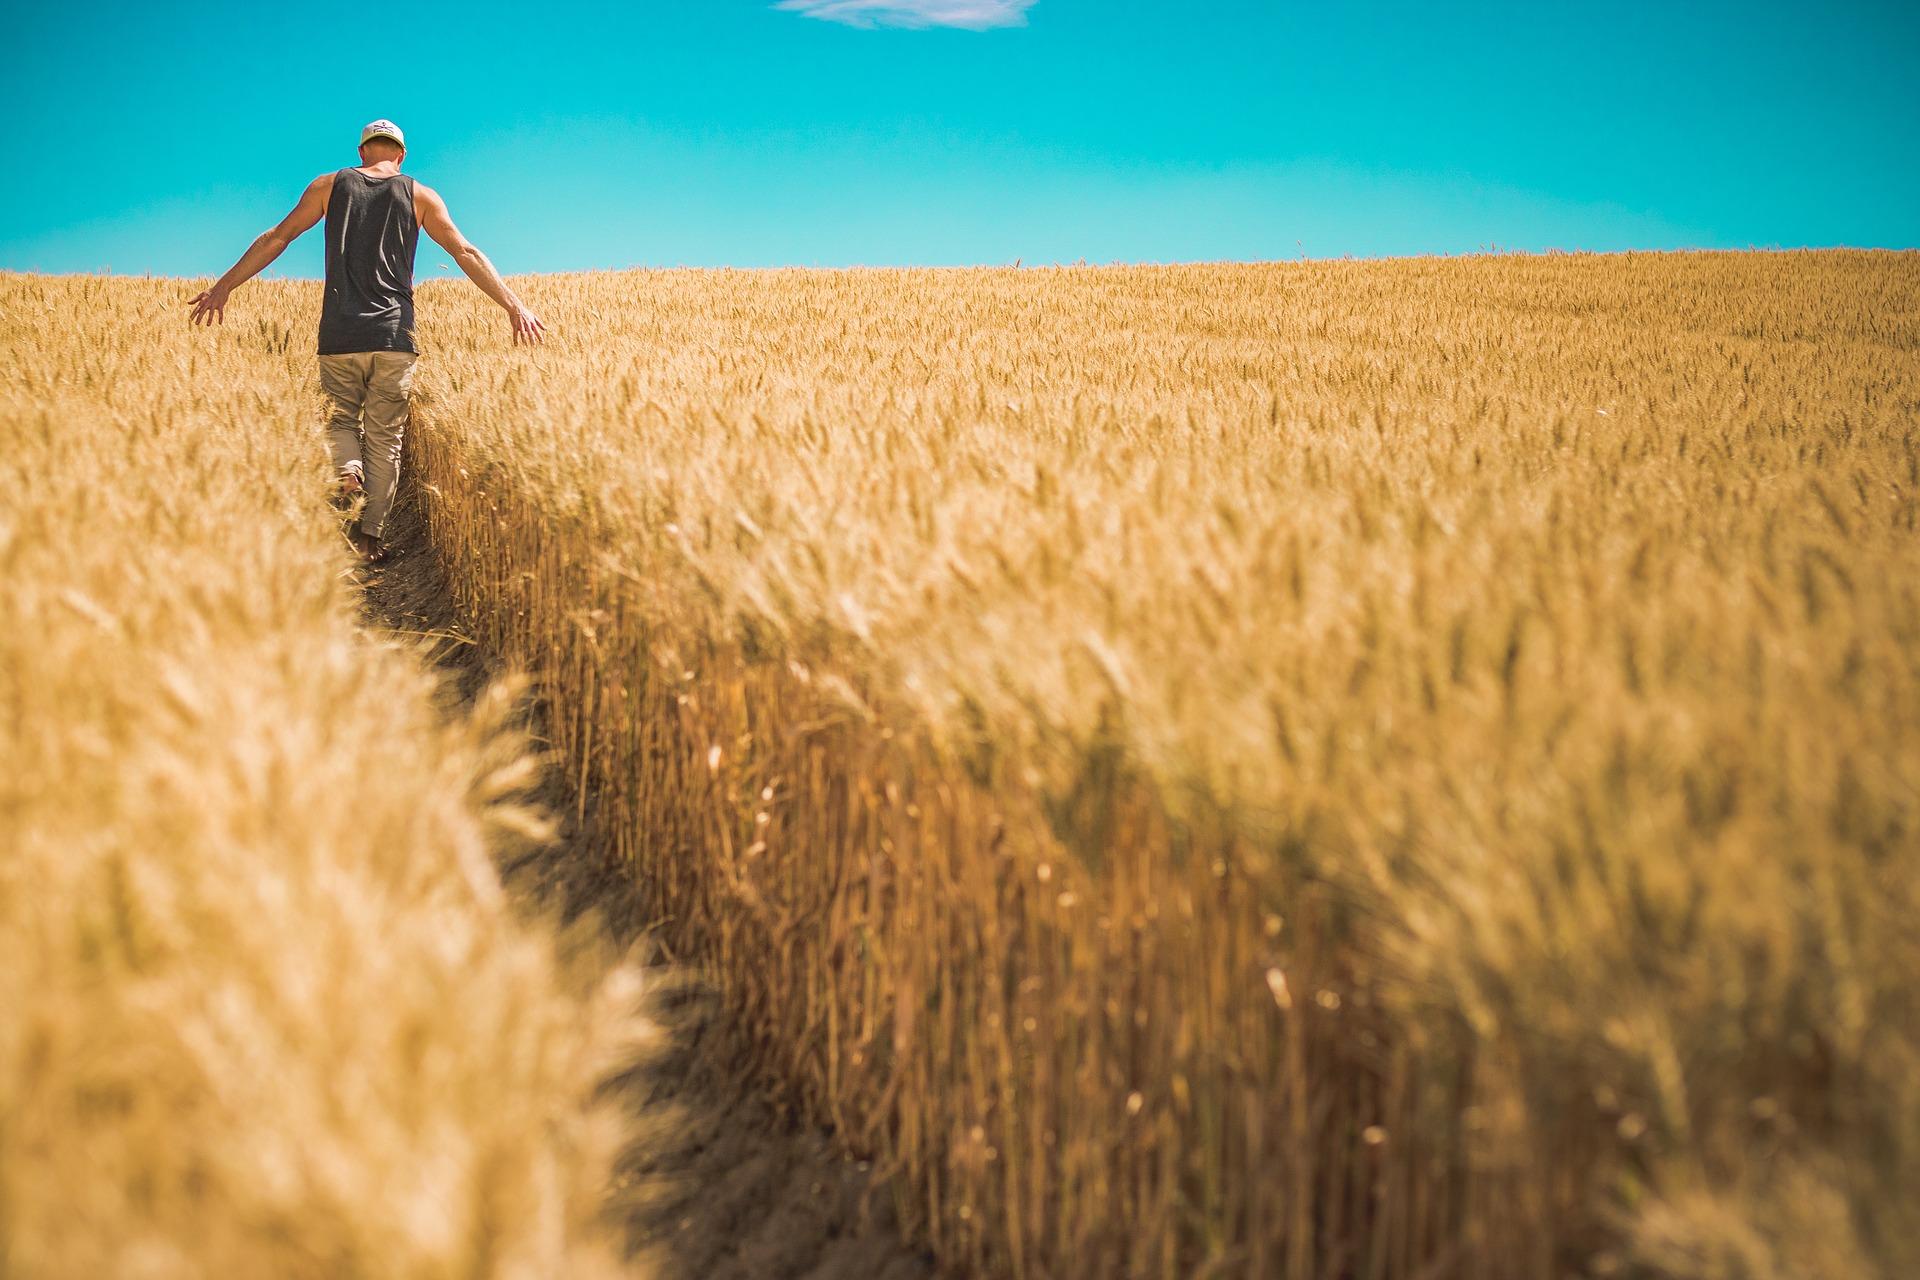 L'assurance récolte aléas climatiques : comment ça marche ?